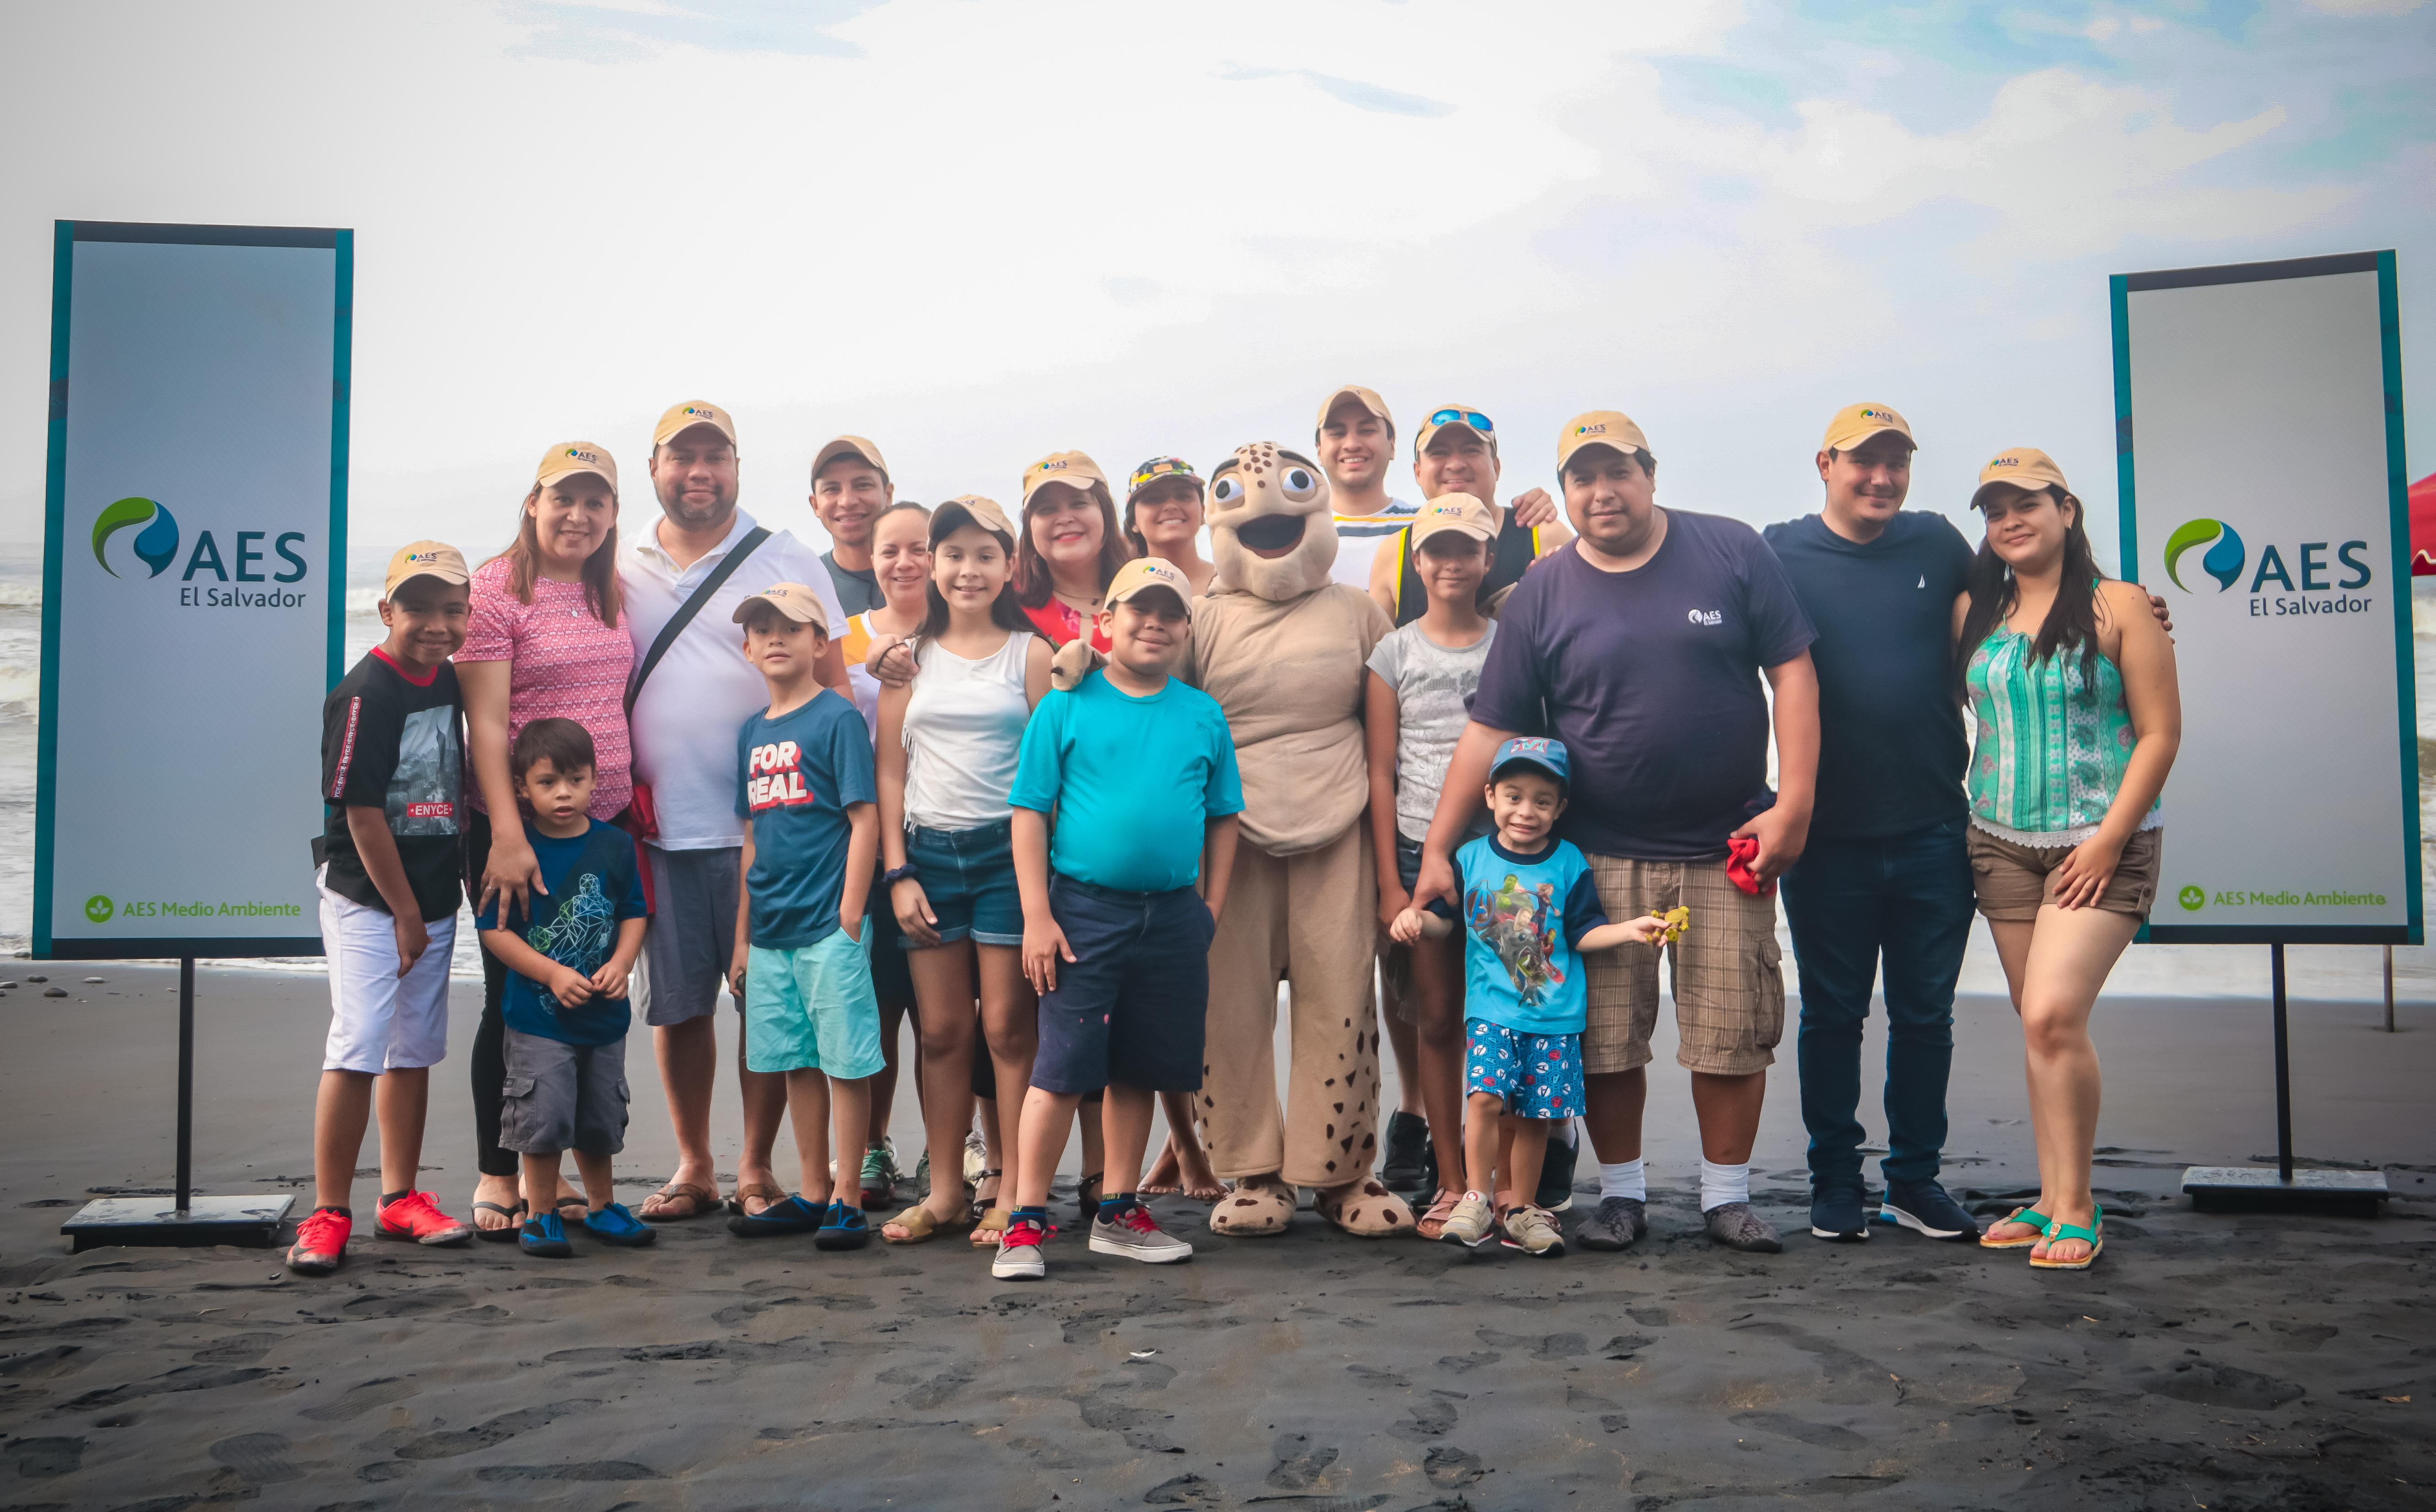 AES El Salvador apoya la preservación de la tortuga marina